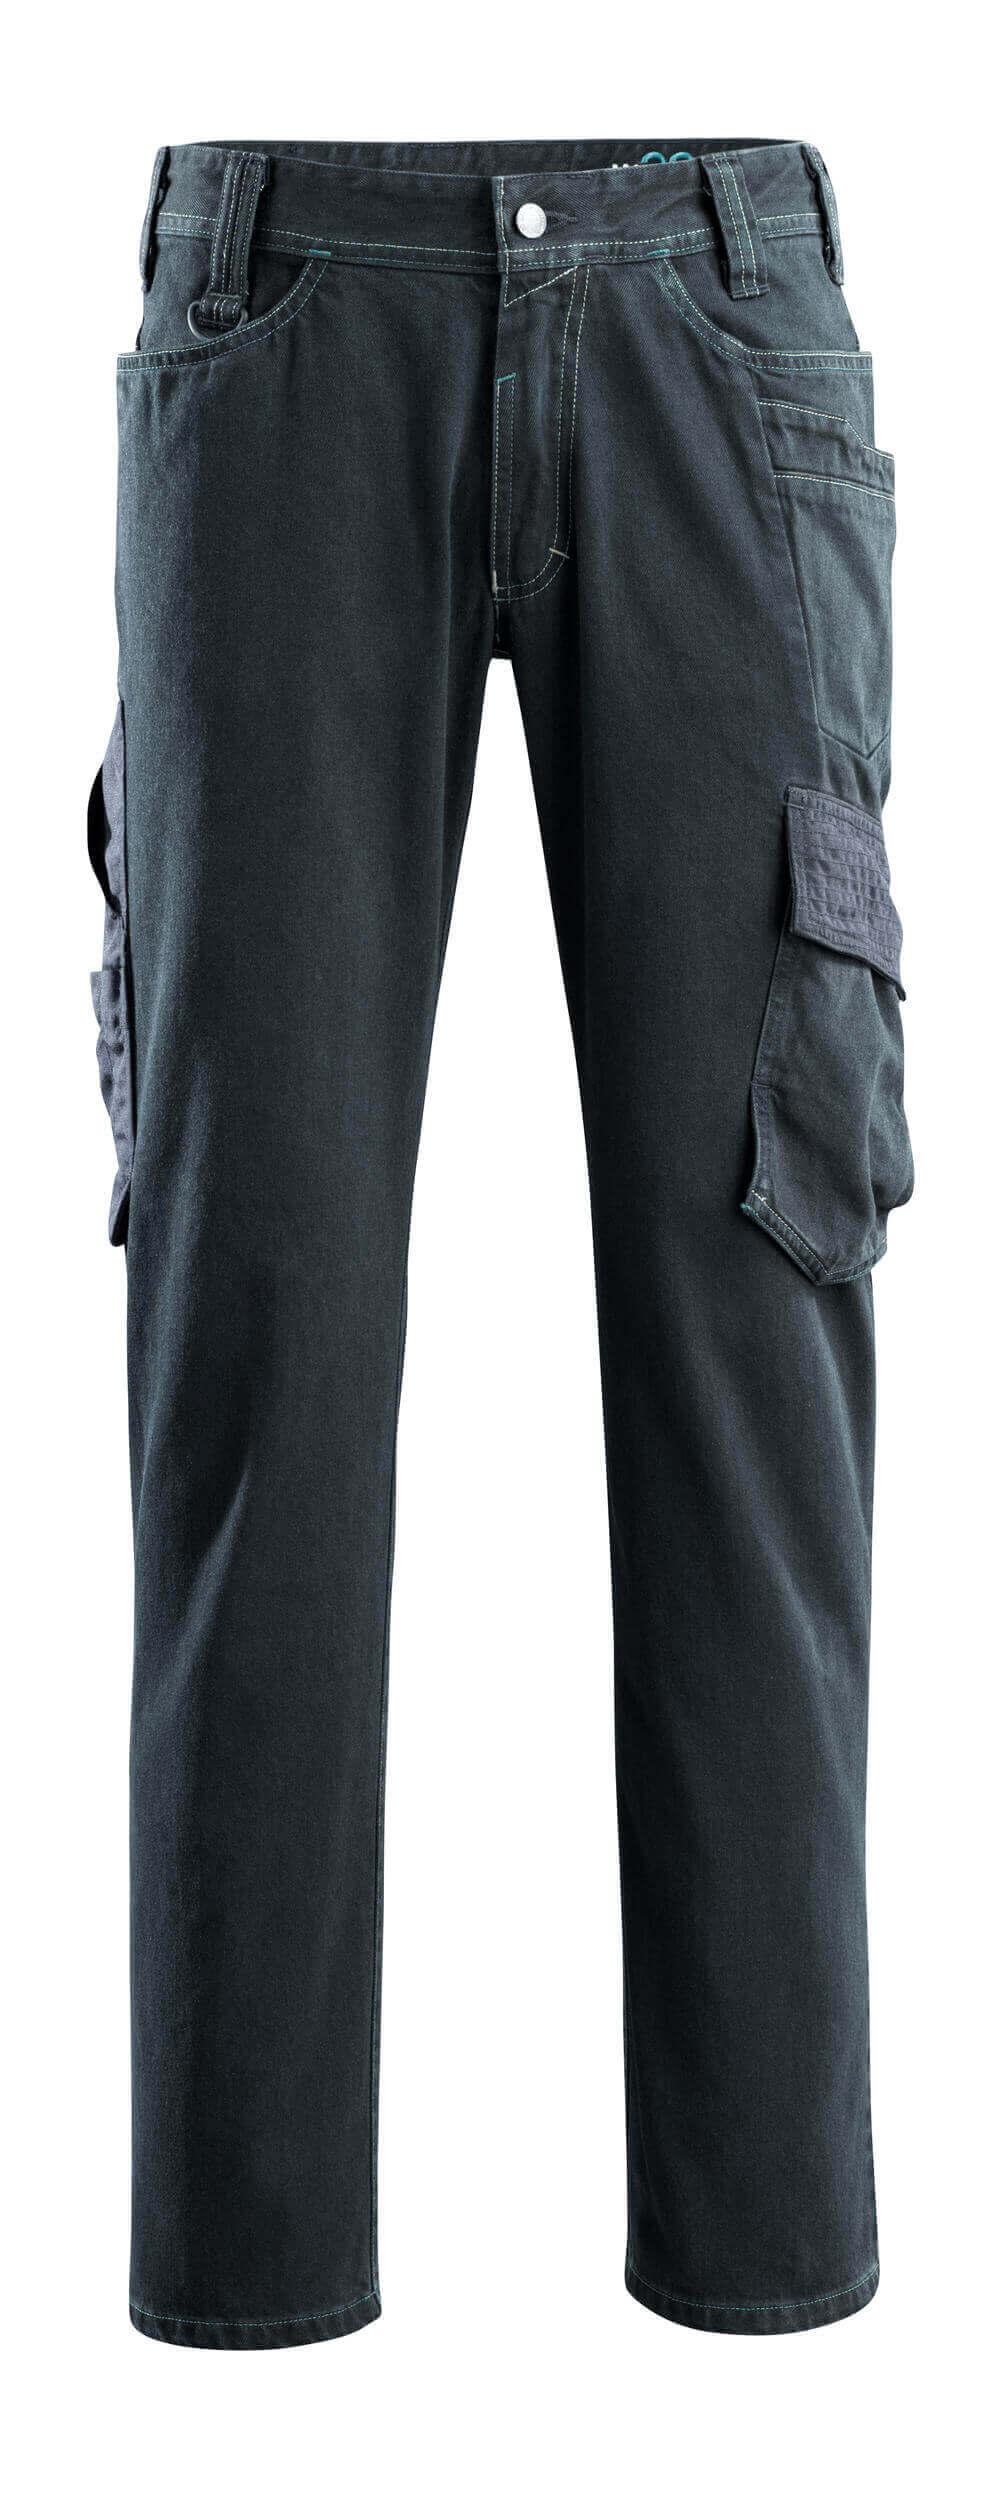 15279-207-86 Jeans avec poches cuisse - Denim blau foncé